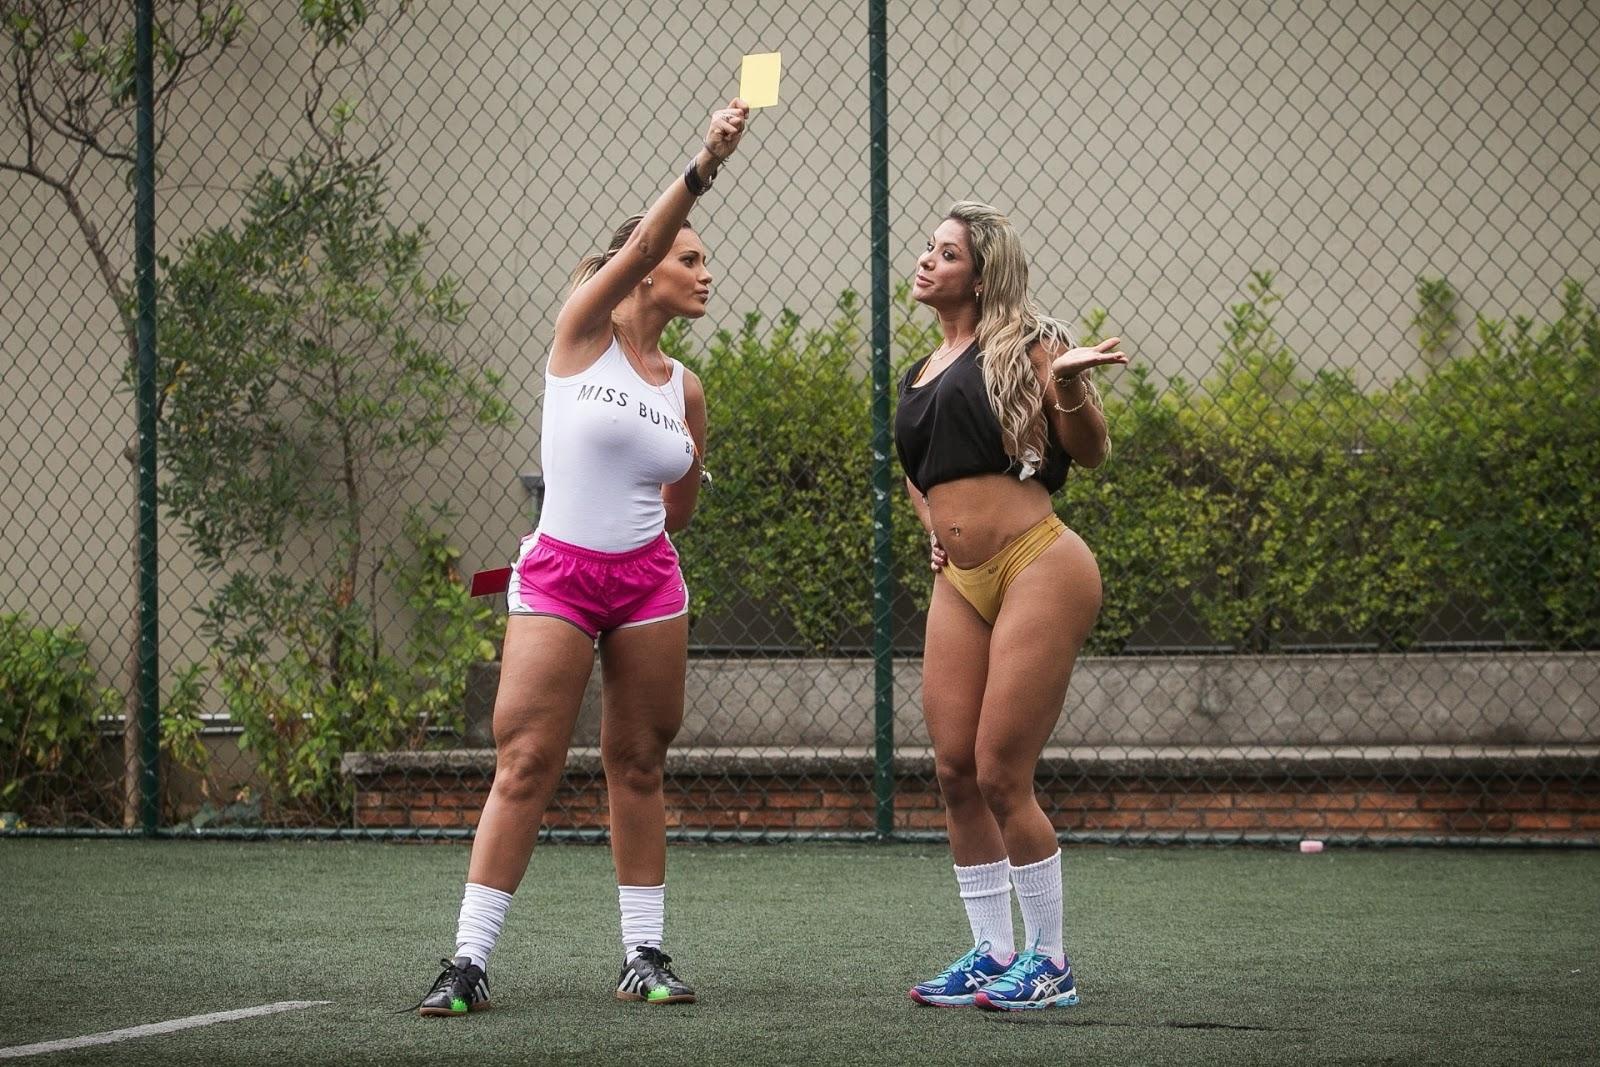 сексуальные бразильянки играют футбол